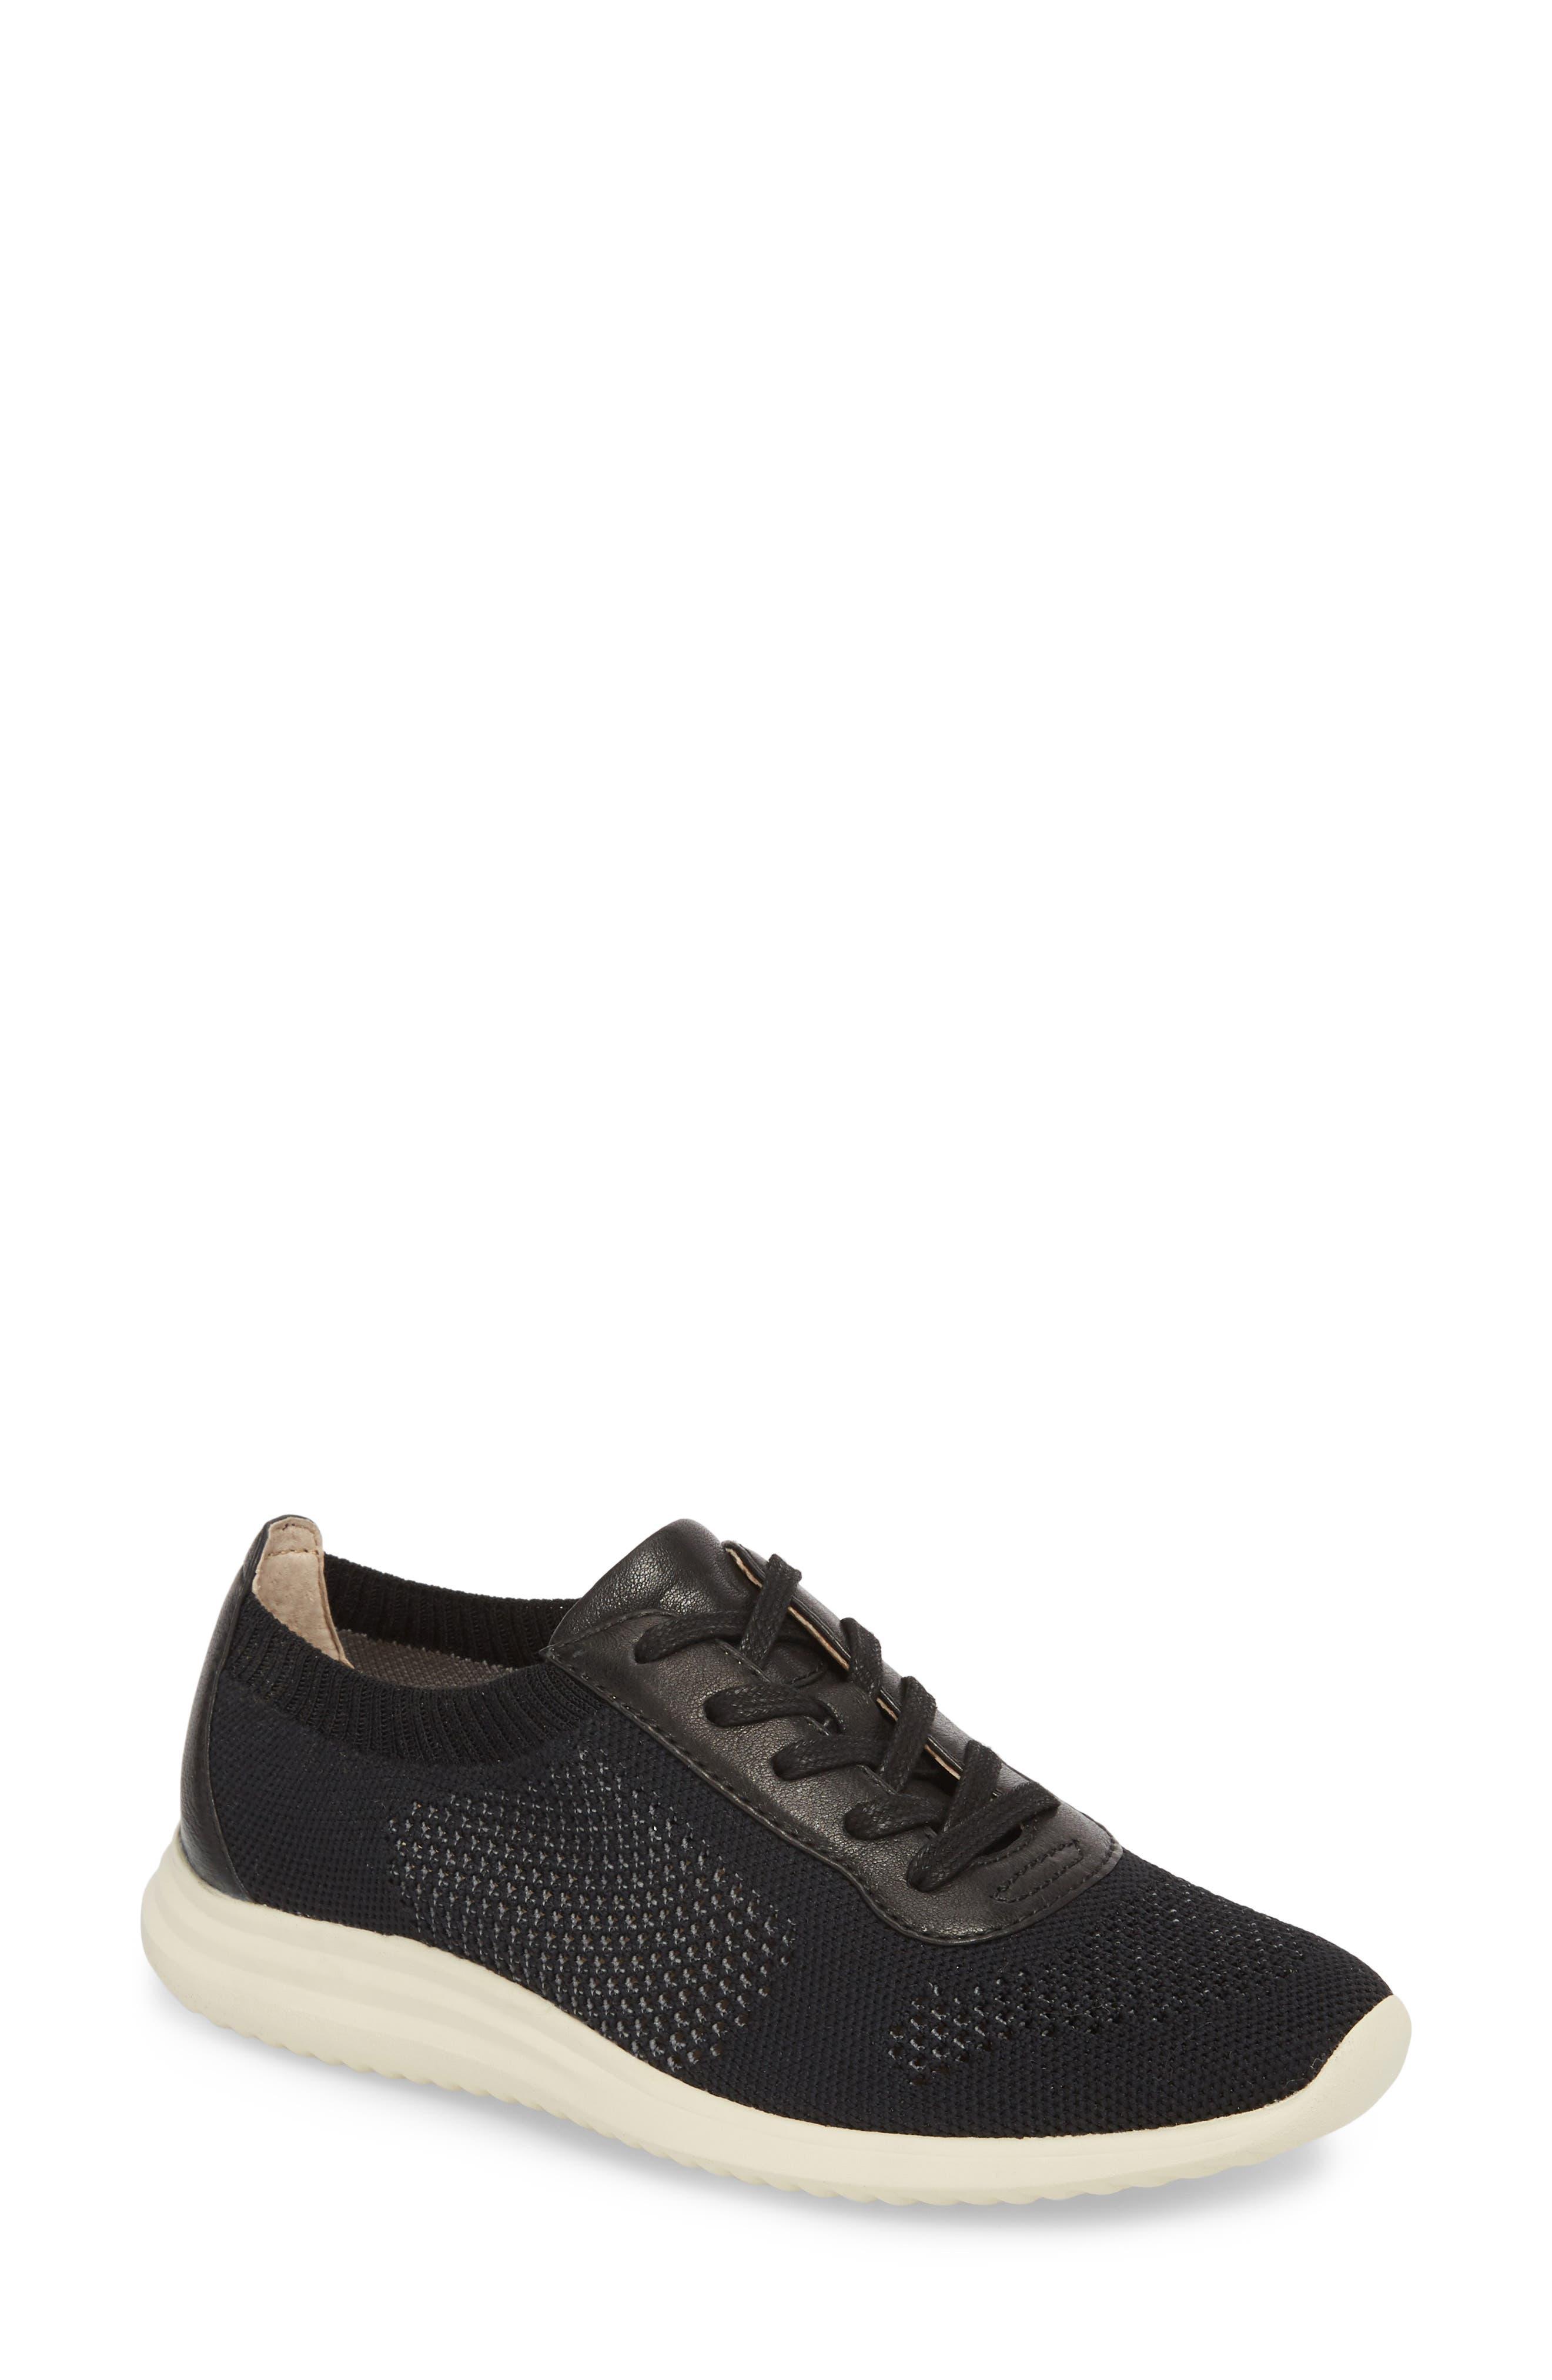 Novella Sneaker,                             Main thumbnail 1, color,                             001